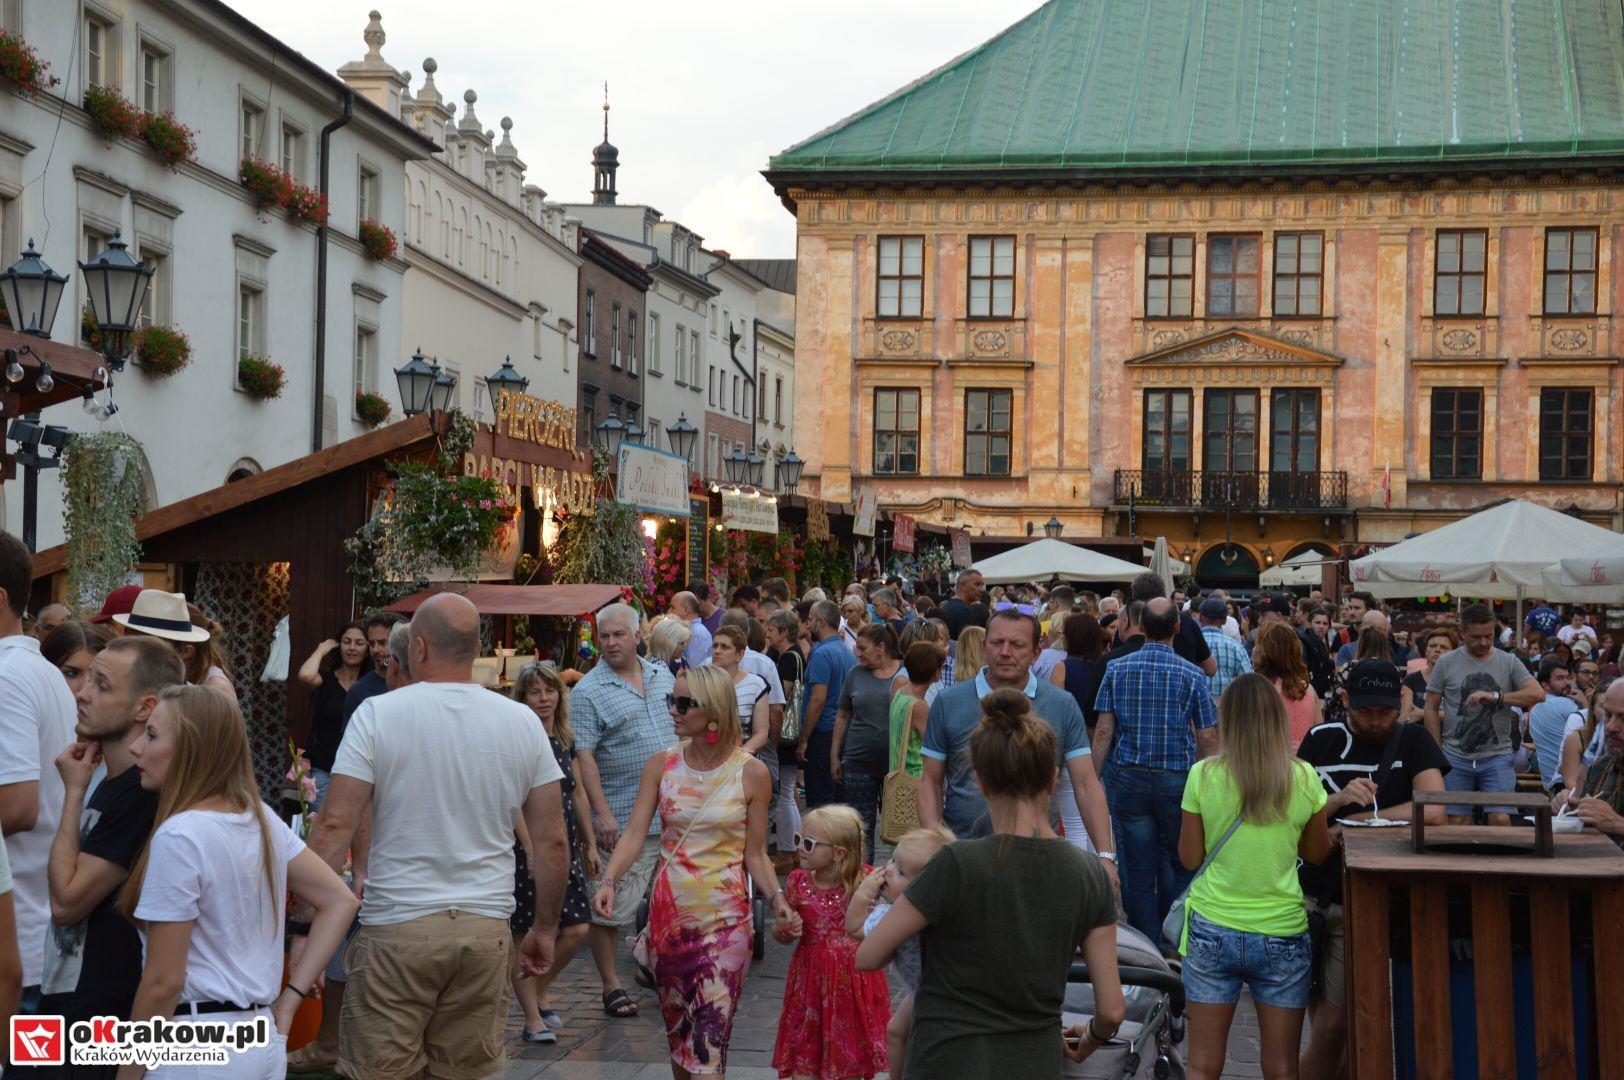 krakow festiwal pierogow maly rynek koncert cheap tobacco 85 150x150 - Galeria zdjęć Festiwal Pierogów Kraków 2018 + zdjęcia z koncertu Cheap Tobacco